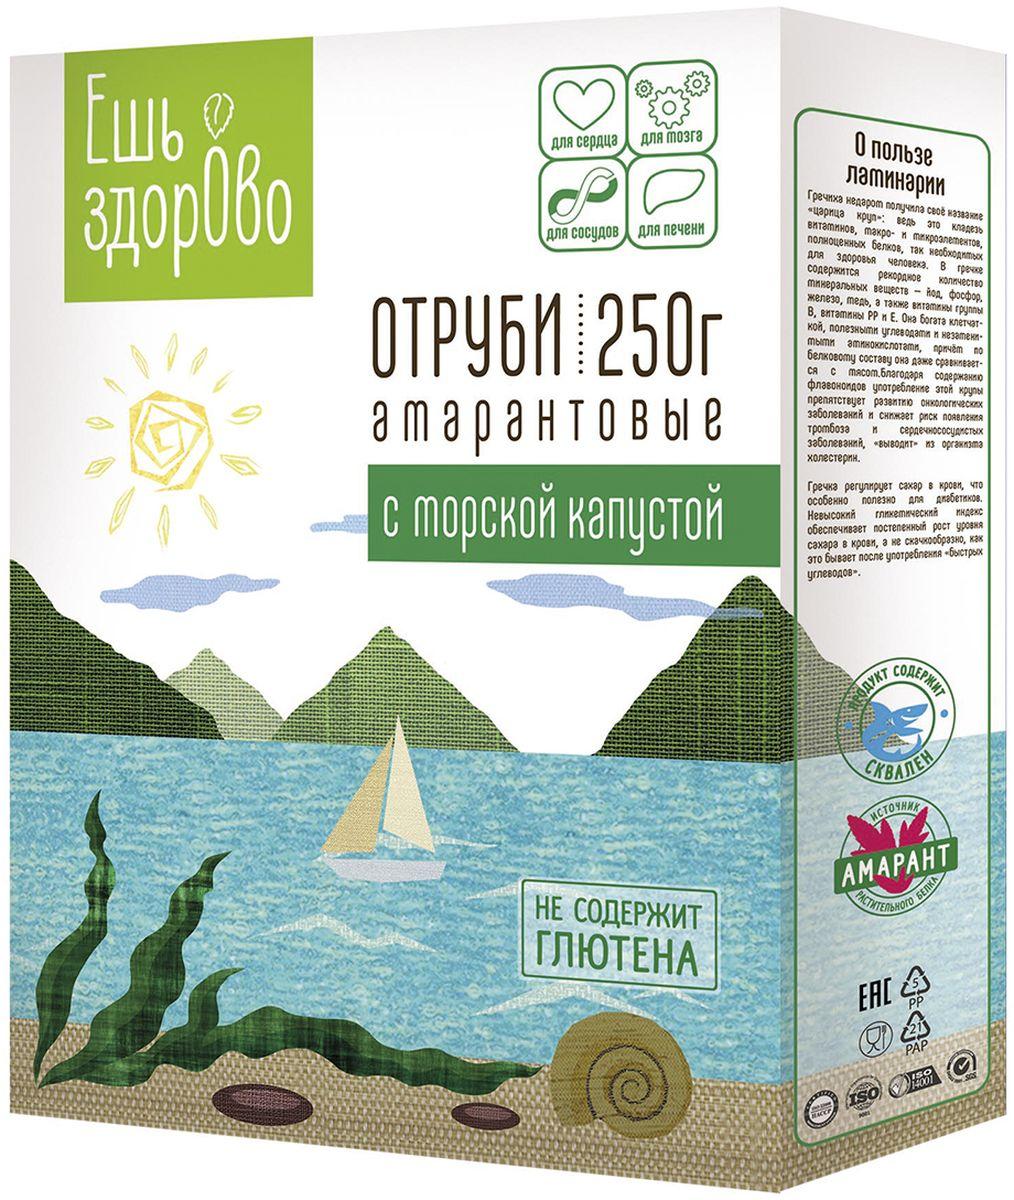 Ешь здорово отруби амарантовые с морской капустой, 250 г диет марка отруби хрустящие пшеничные с морской капустой 200 г